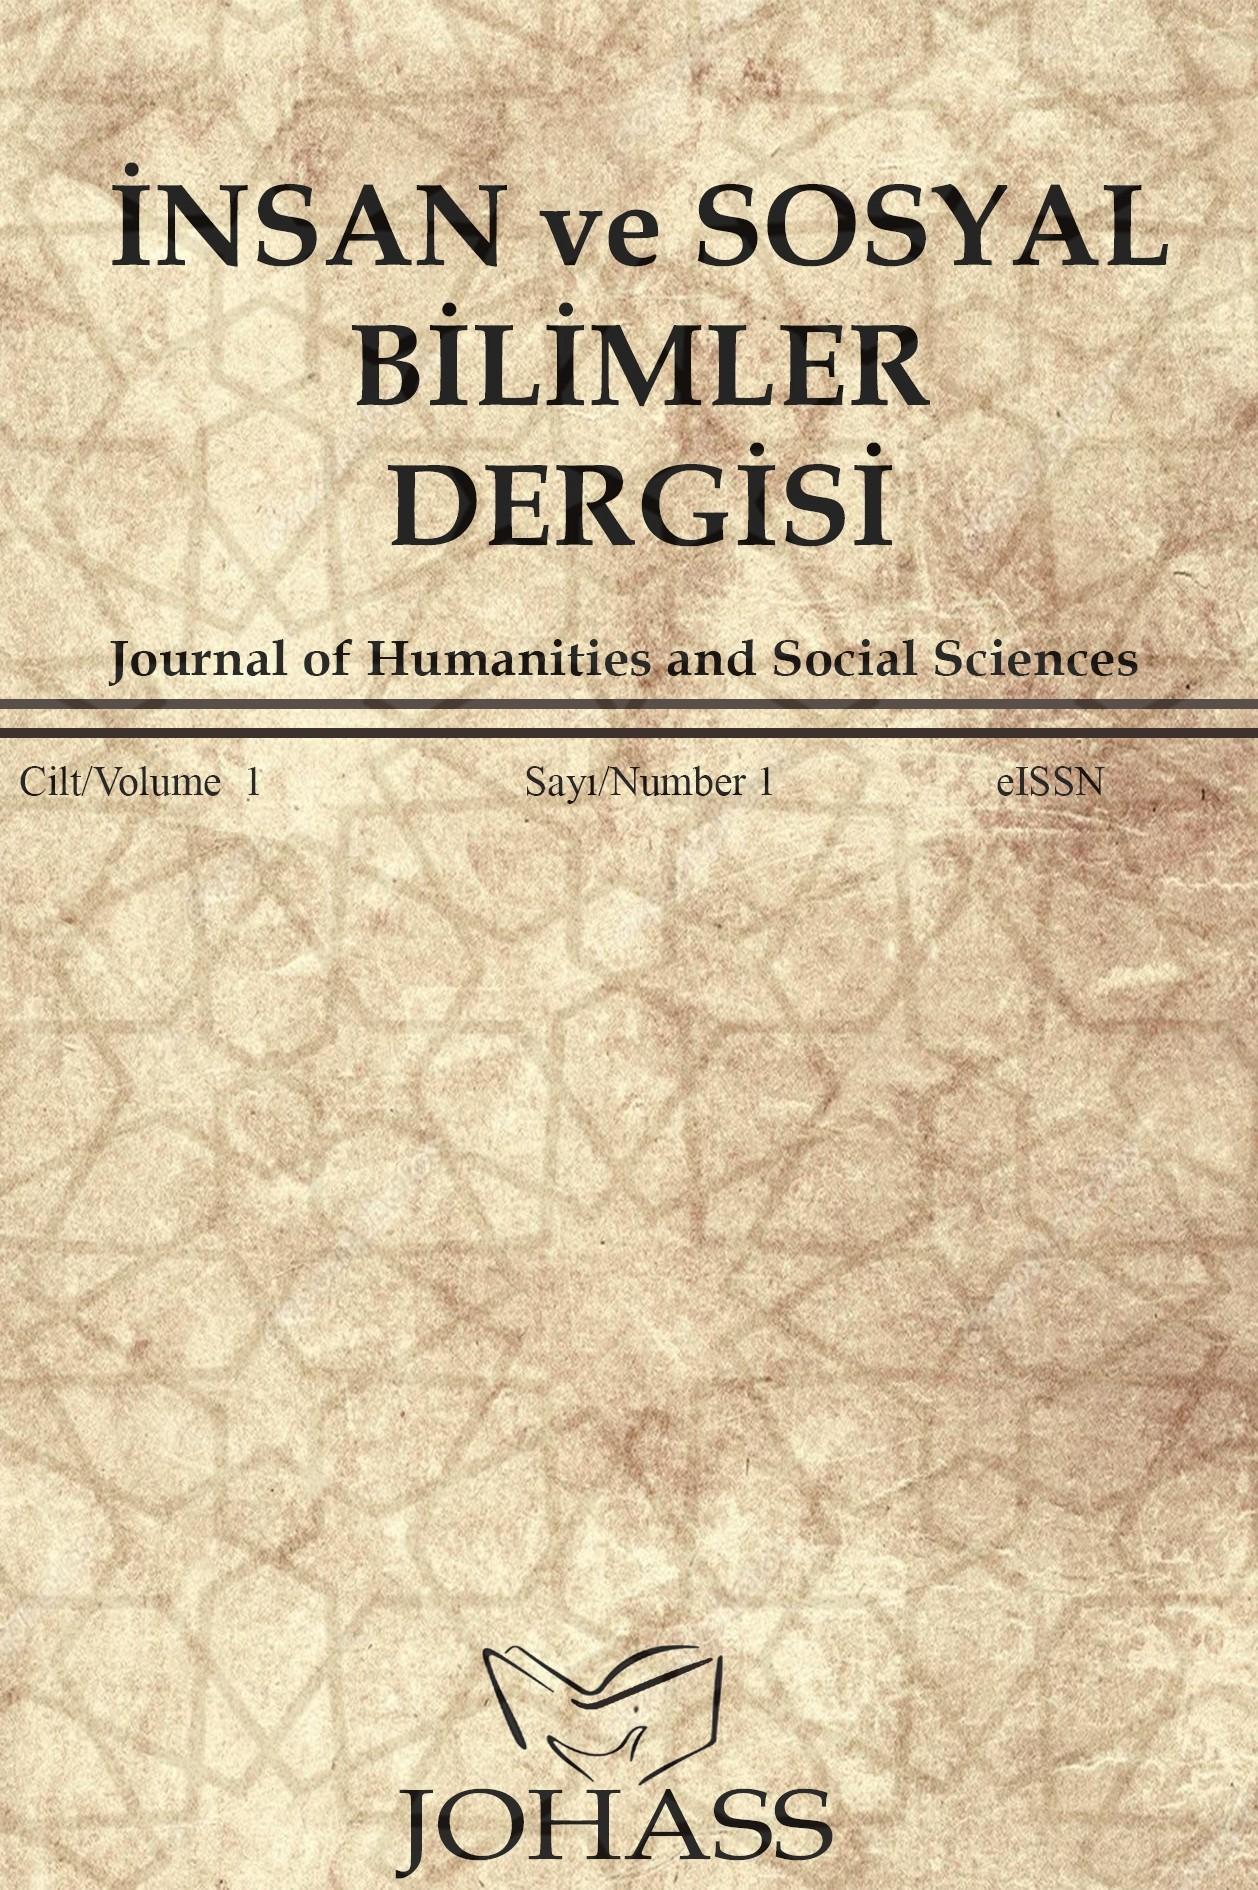 İnsan ve Sosyal Bilimler Dergisi